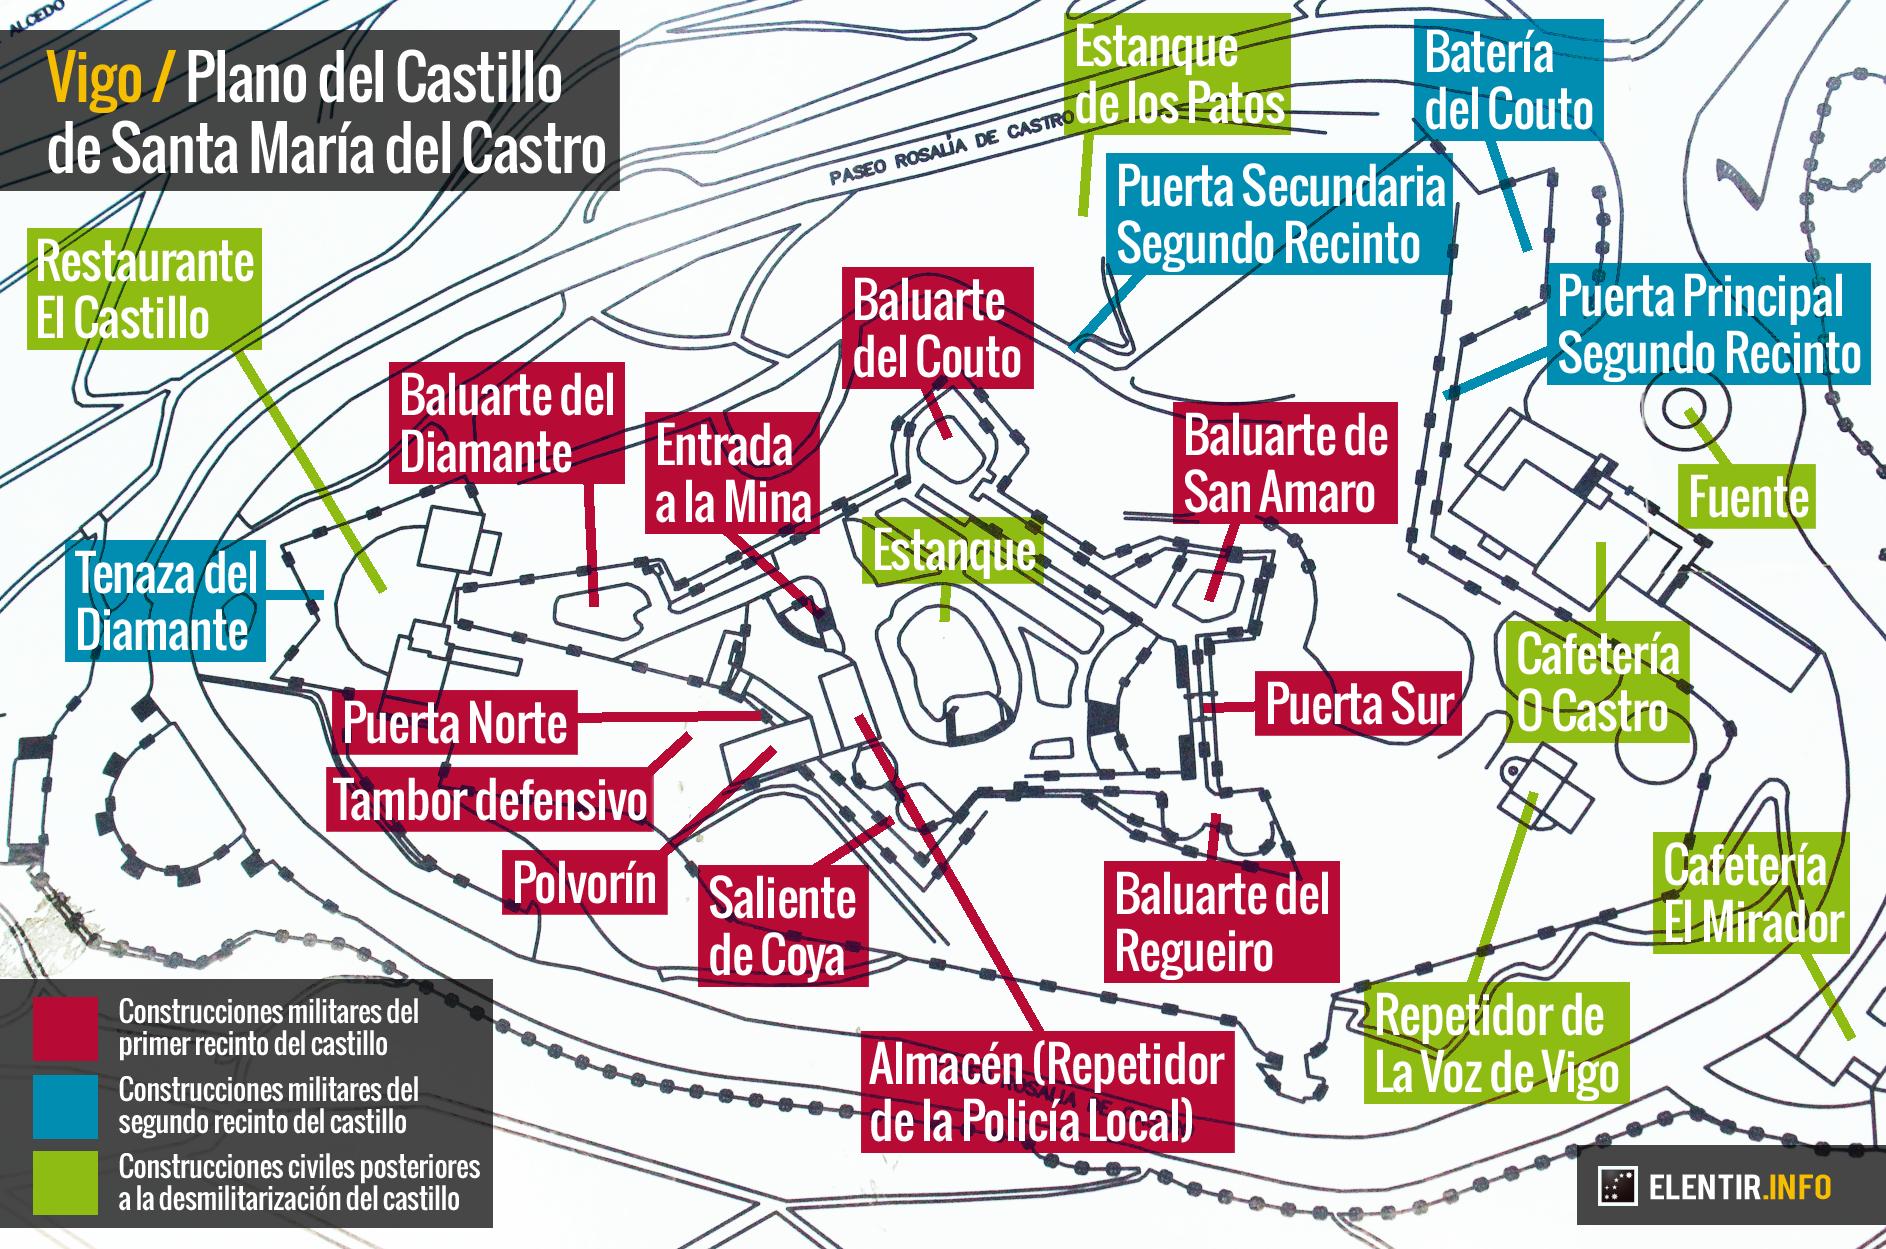 Vigo: el Castillo del Castro, historia e imágenes de un gran desconocido